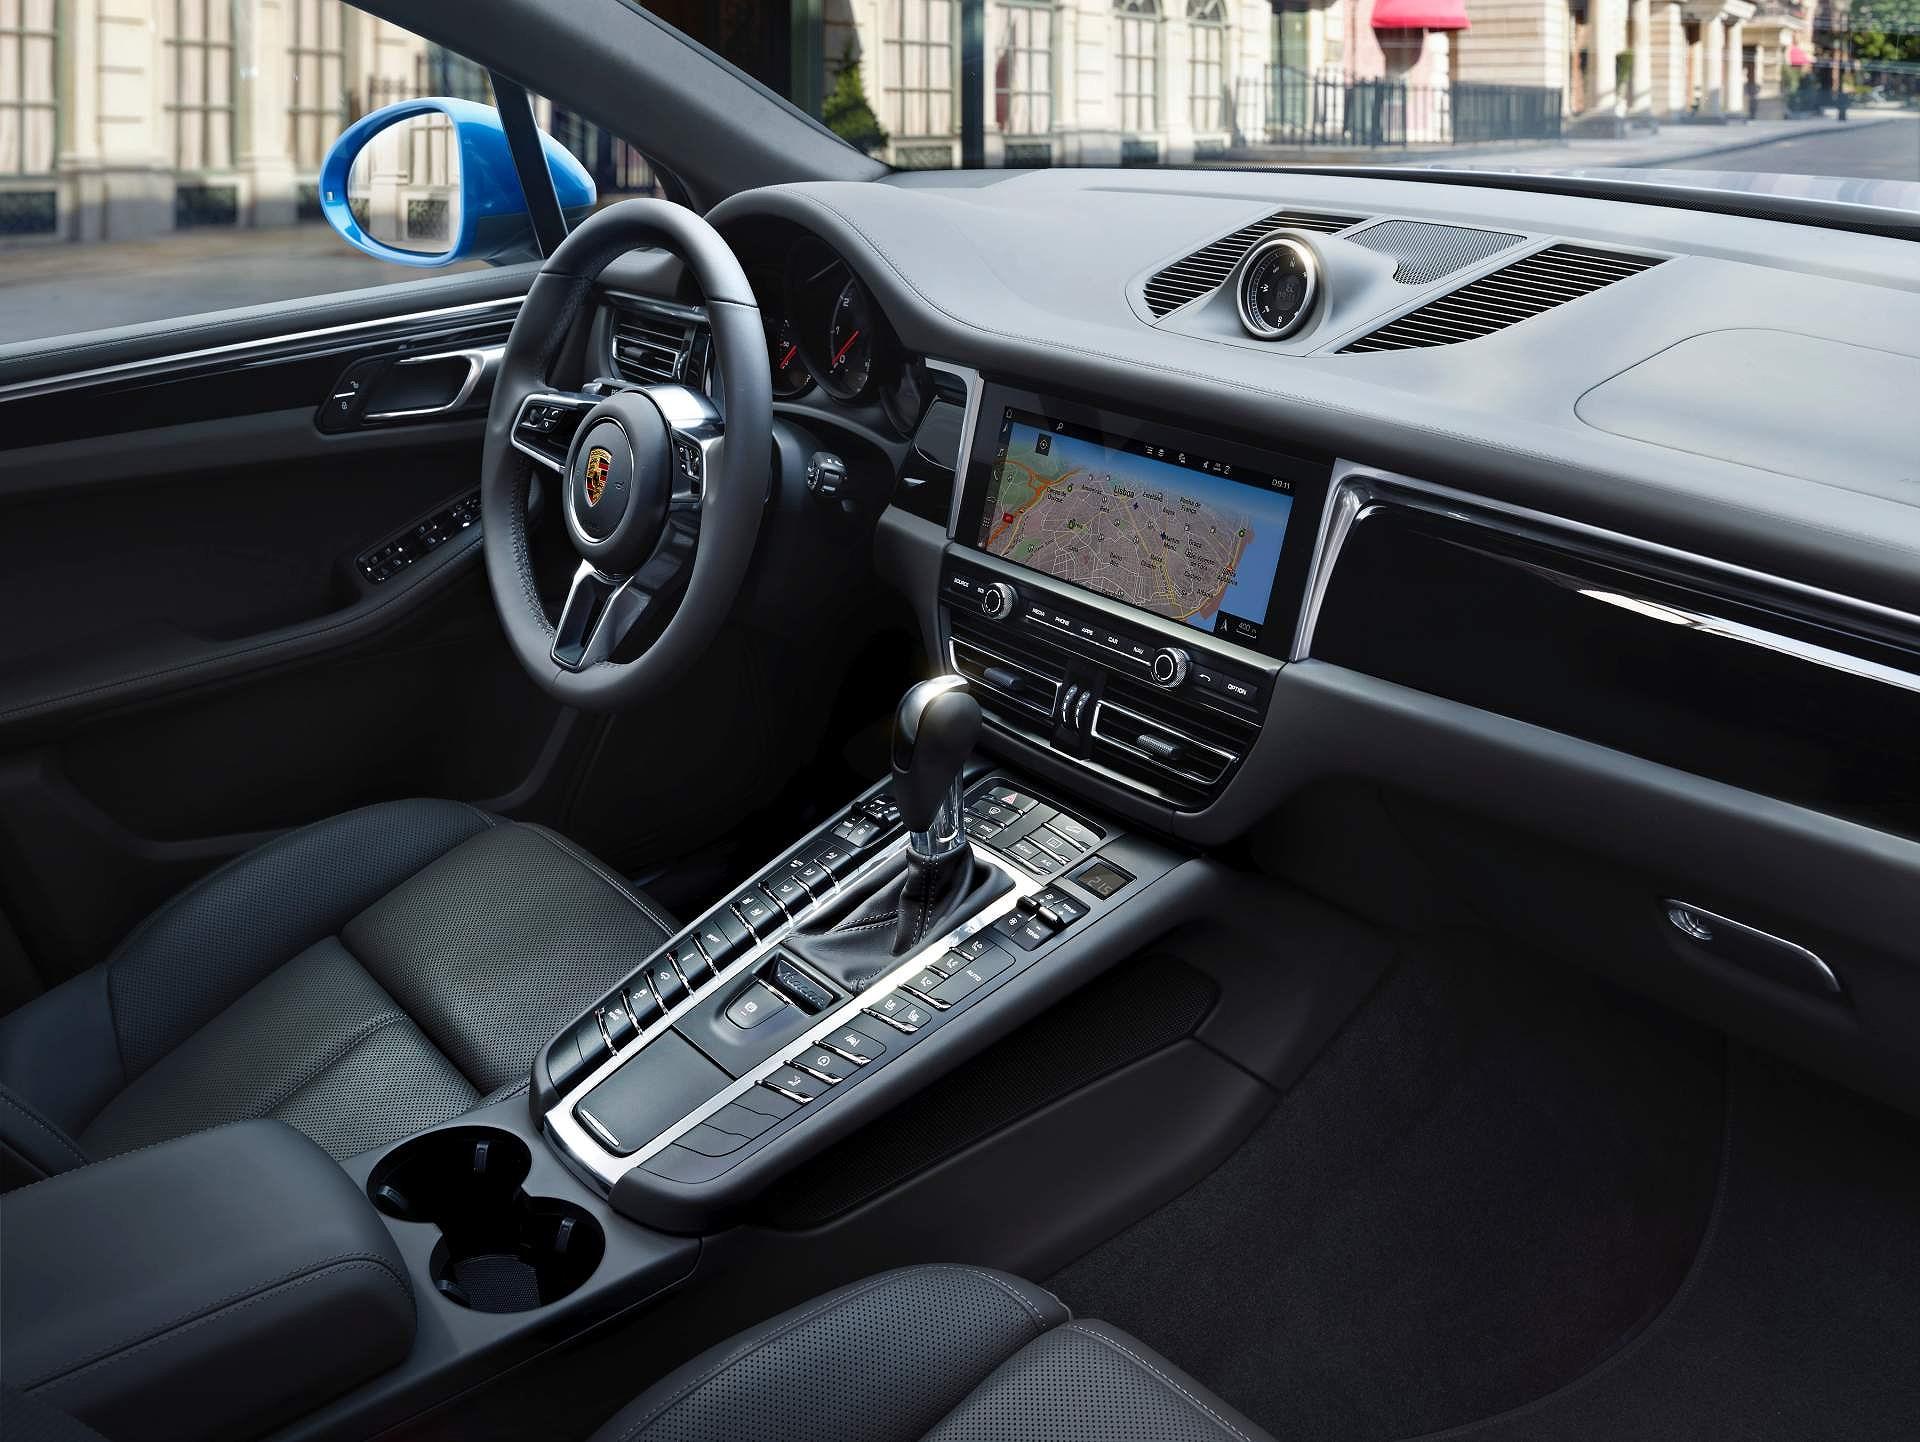 Porsche Macan ra mắt châu Âu với động cơ 242 mã lực Ảnh 8